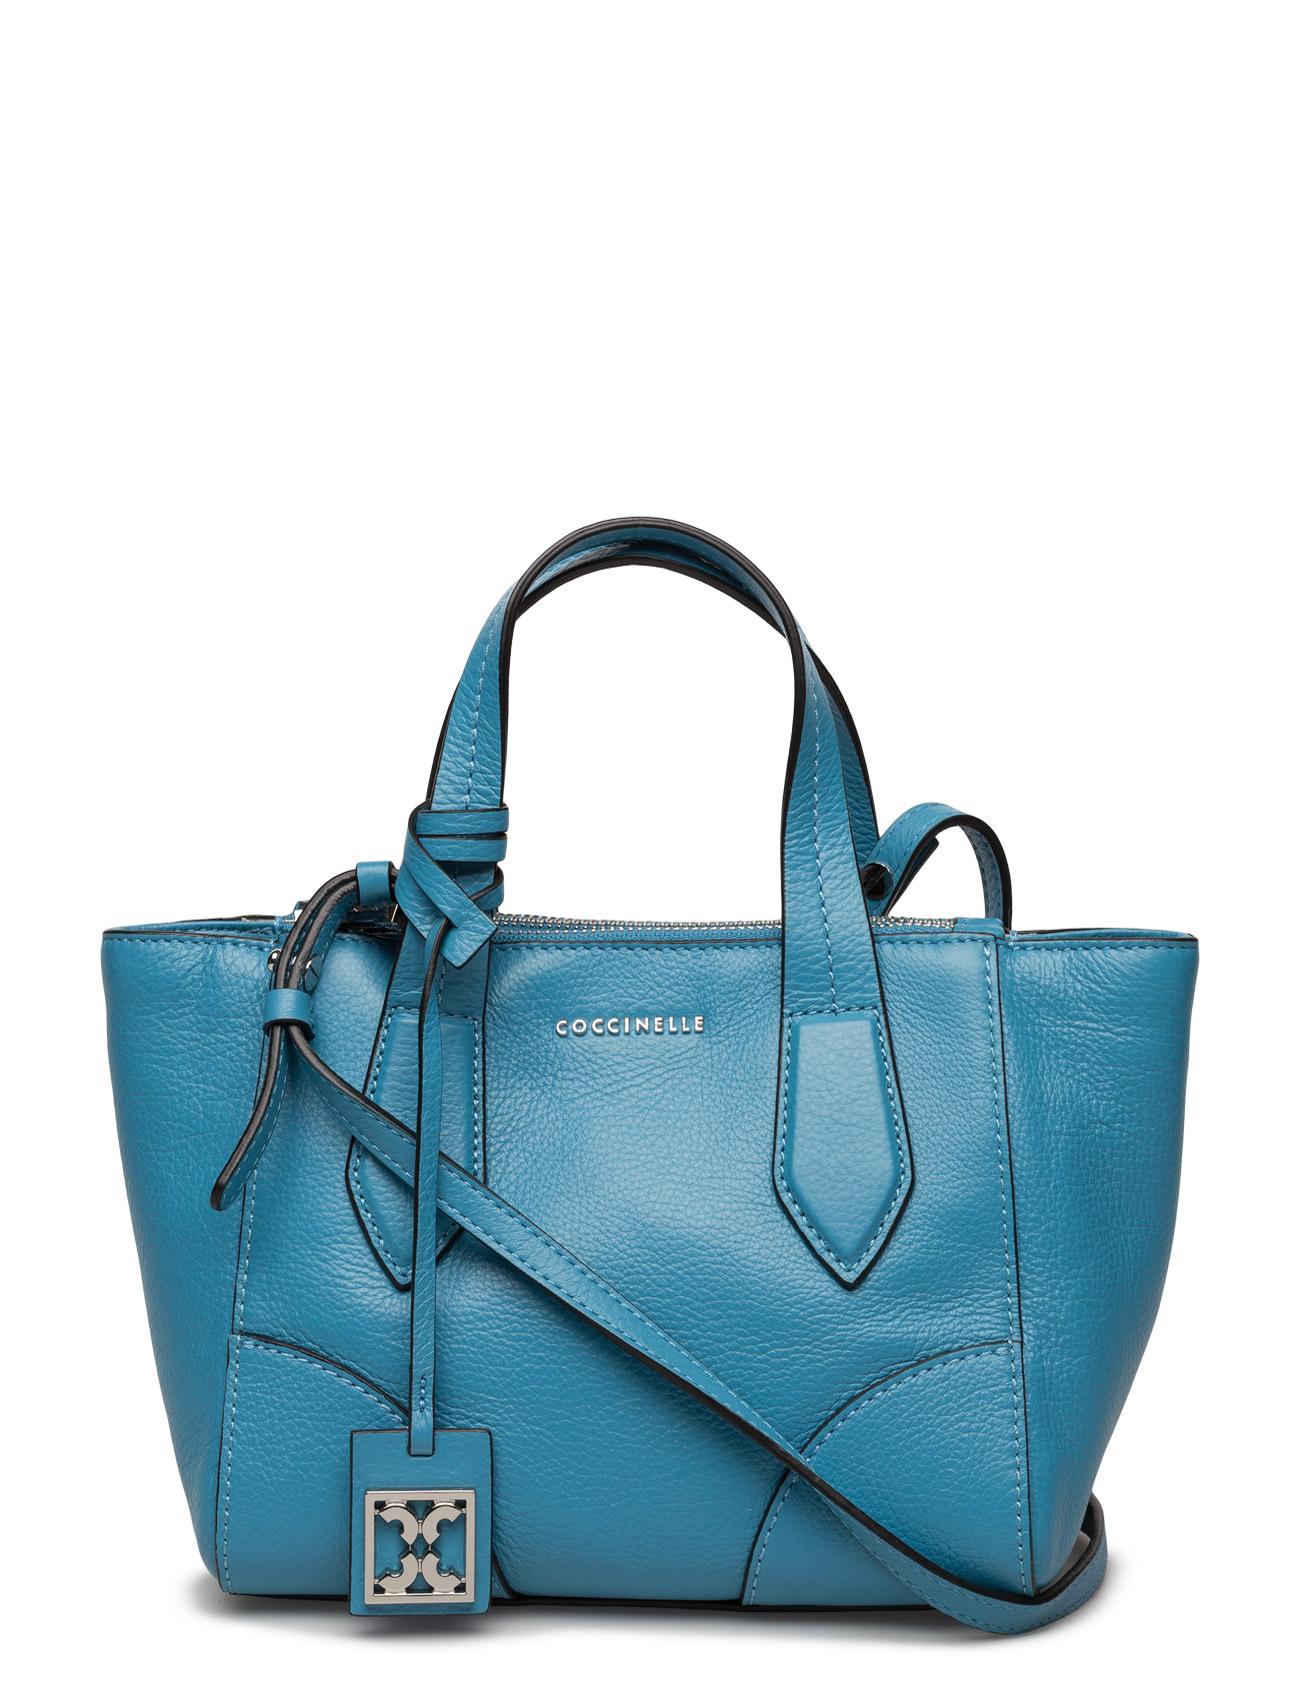 Minibag Coccinelle Små tasker til Kvinder i